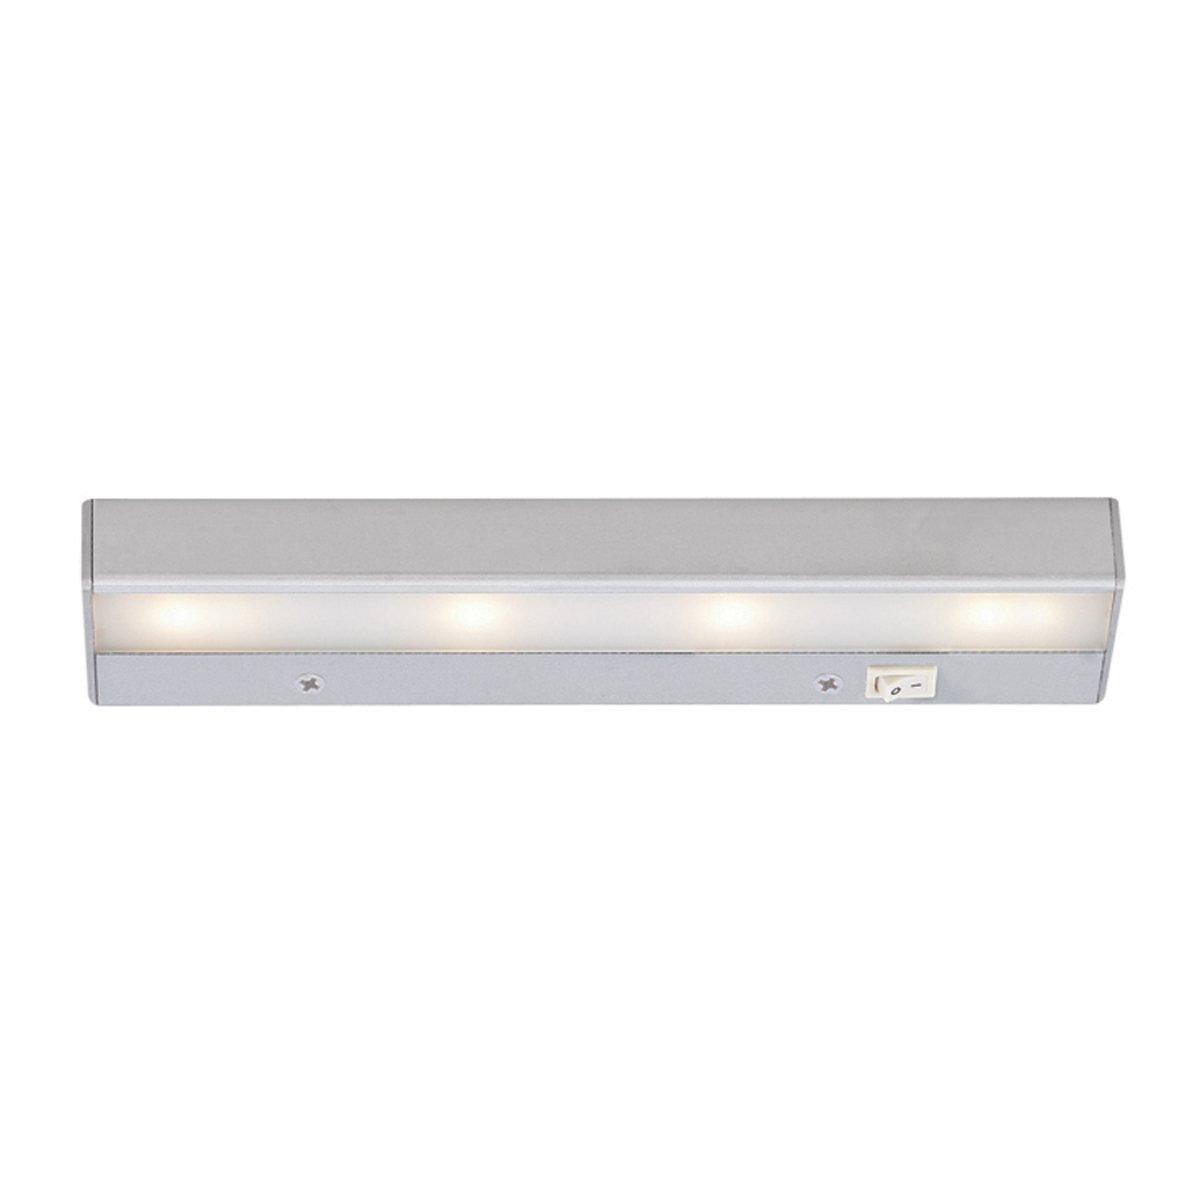 """WAC Lighting BA-LED4-27-SN 2700K Warm White LEDme 120V Light Bar, 12"""", Satin Nickel"""